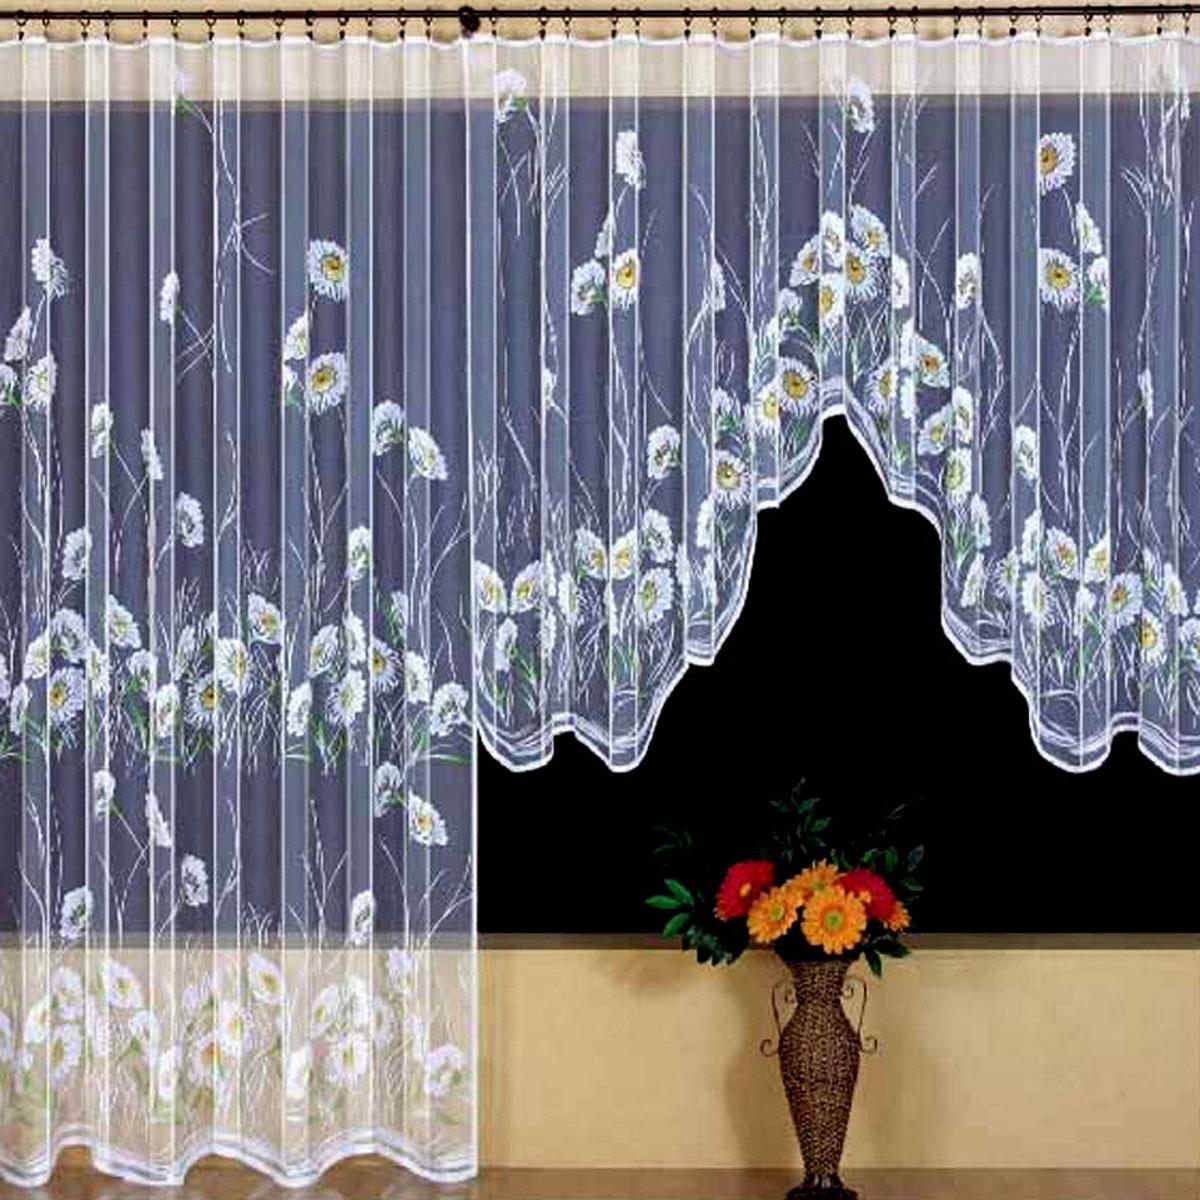 Гардина Wisan, цвет: белый, ширина 350 см, высота 160 см. 93819381вид крепления - под зажимы для штор Размеры: ш.350* в.160